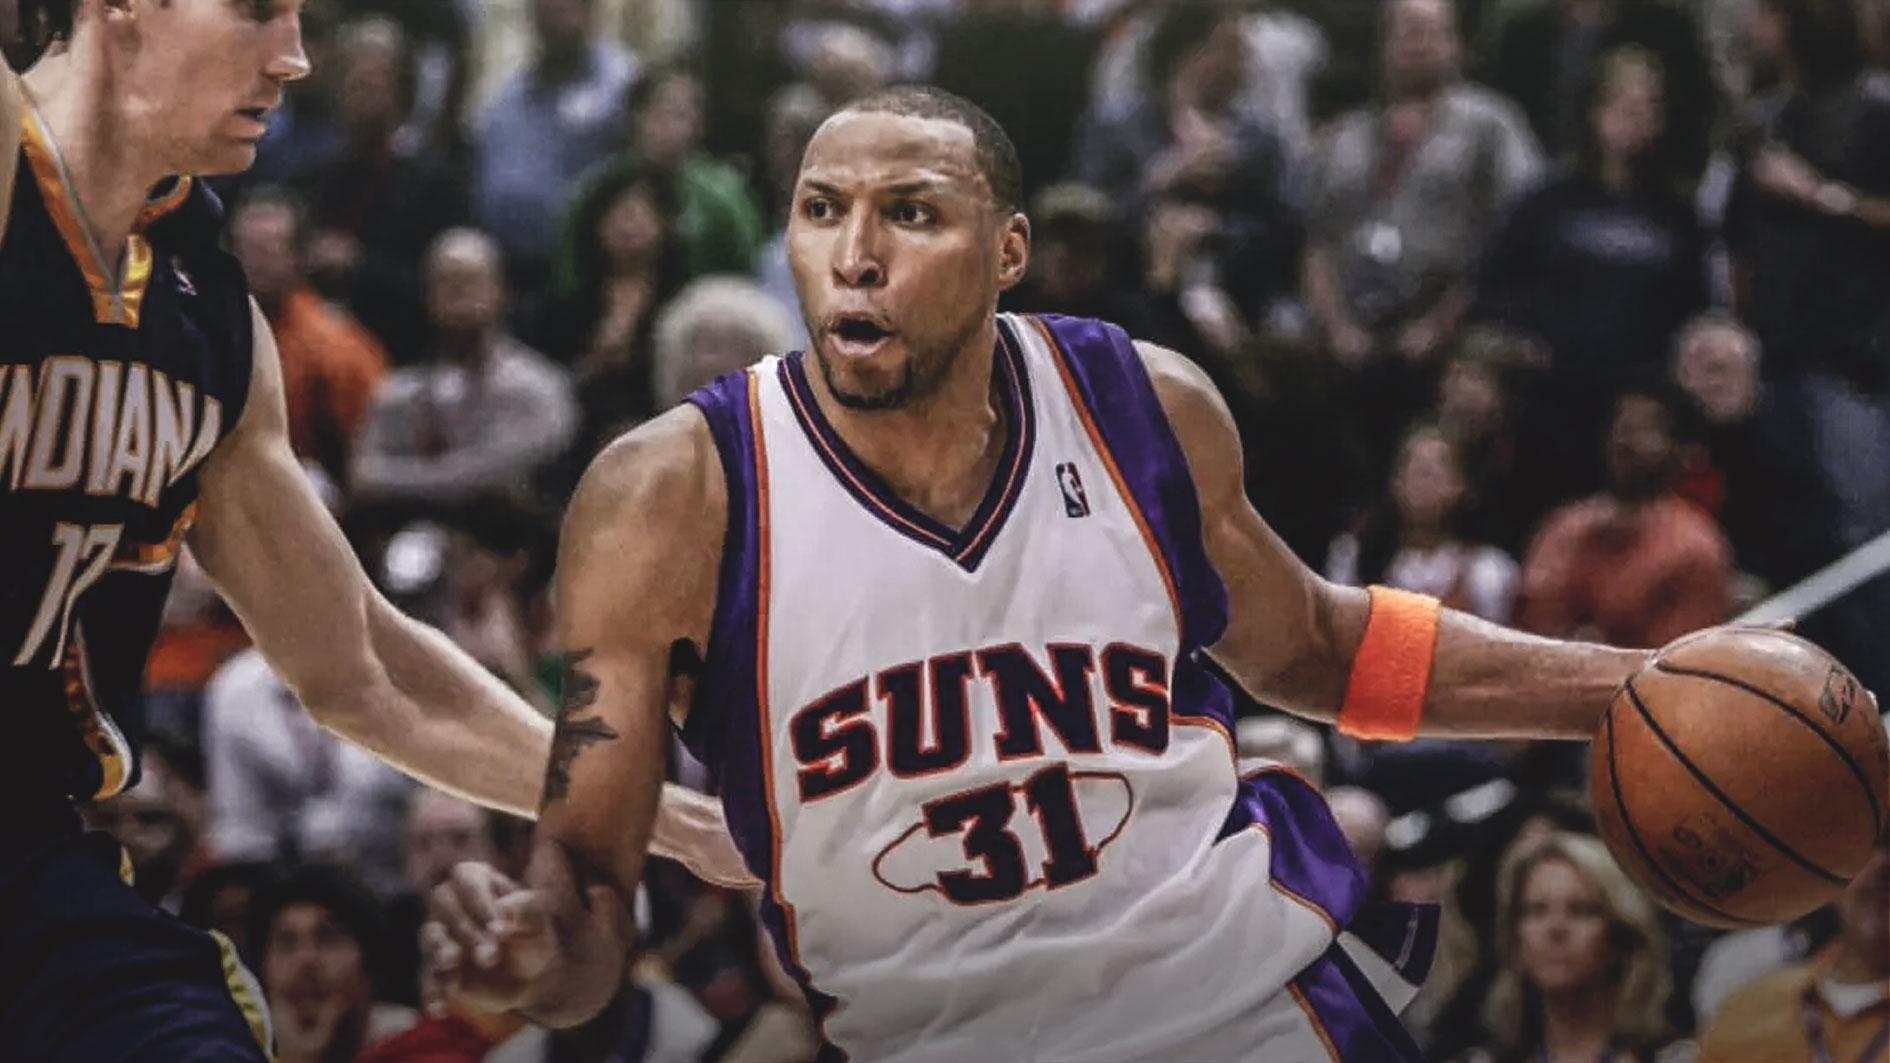 21年前的今天马里昂以太阳球员的身份迎来自己的NBA首秀